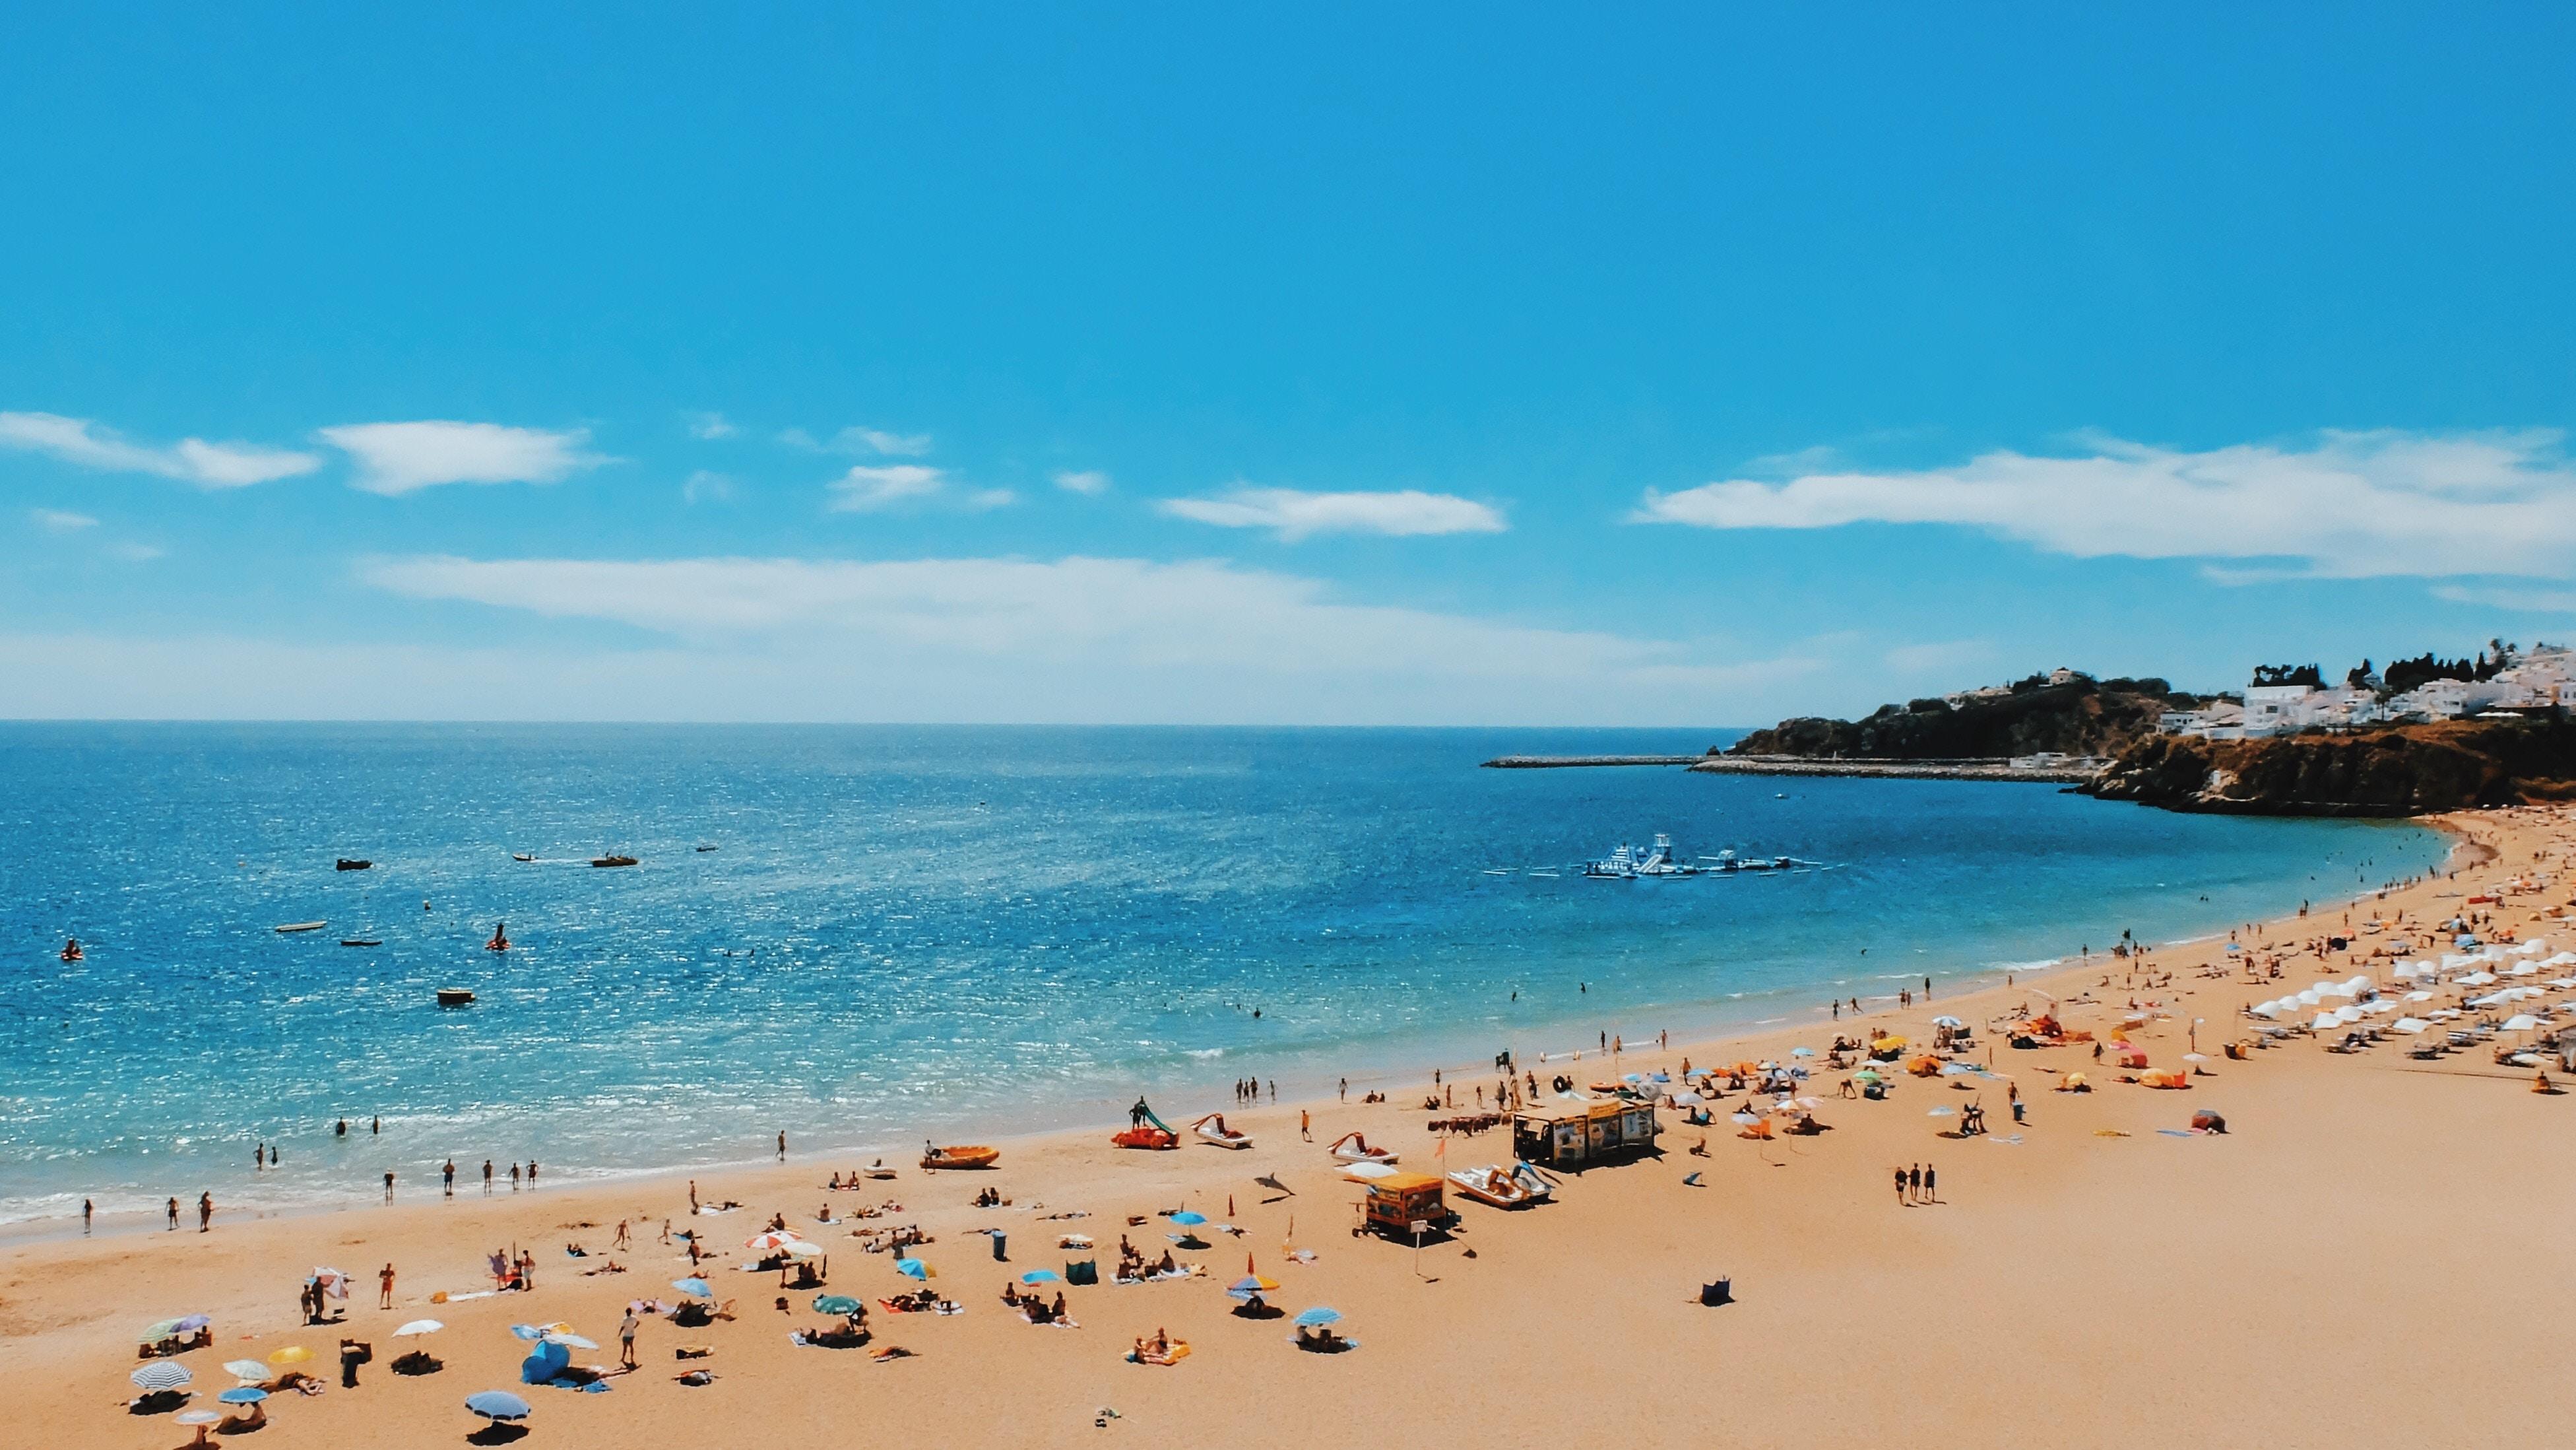 As praias incríveis